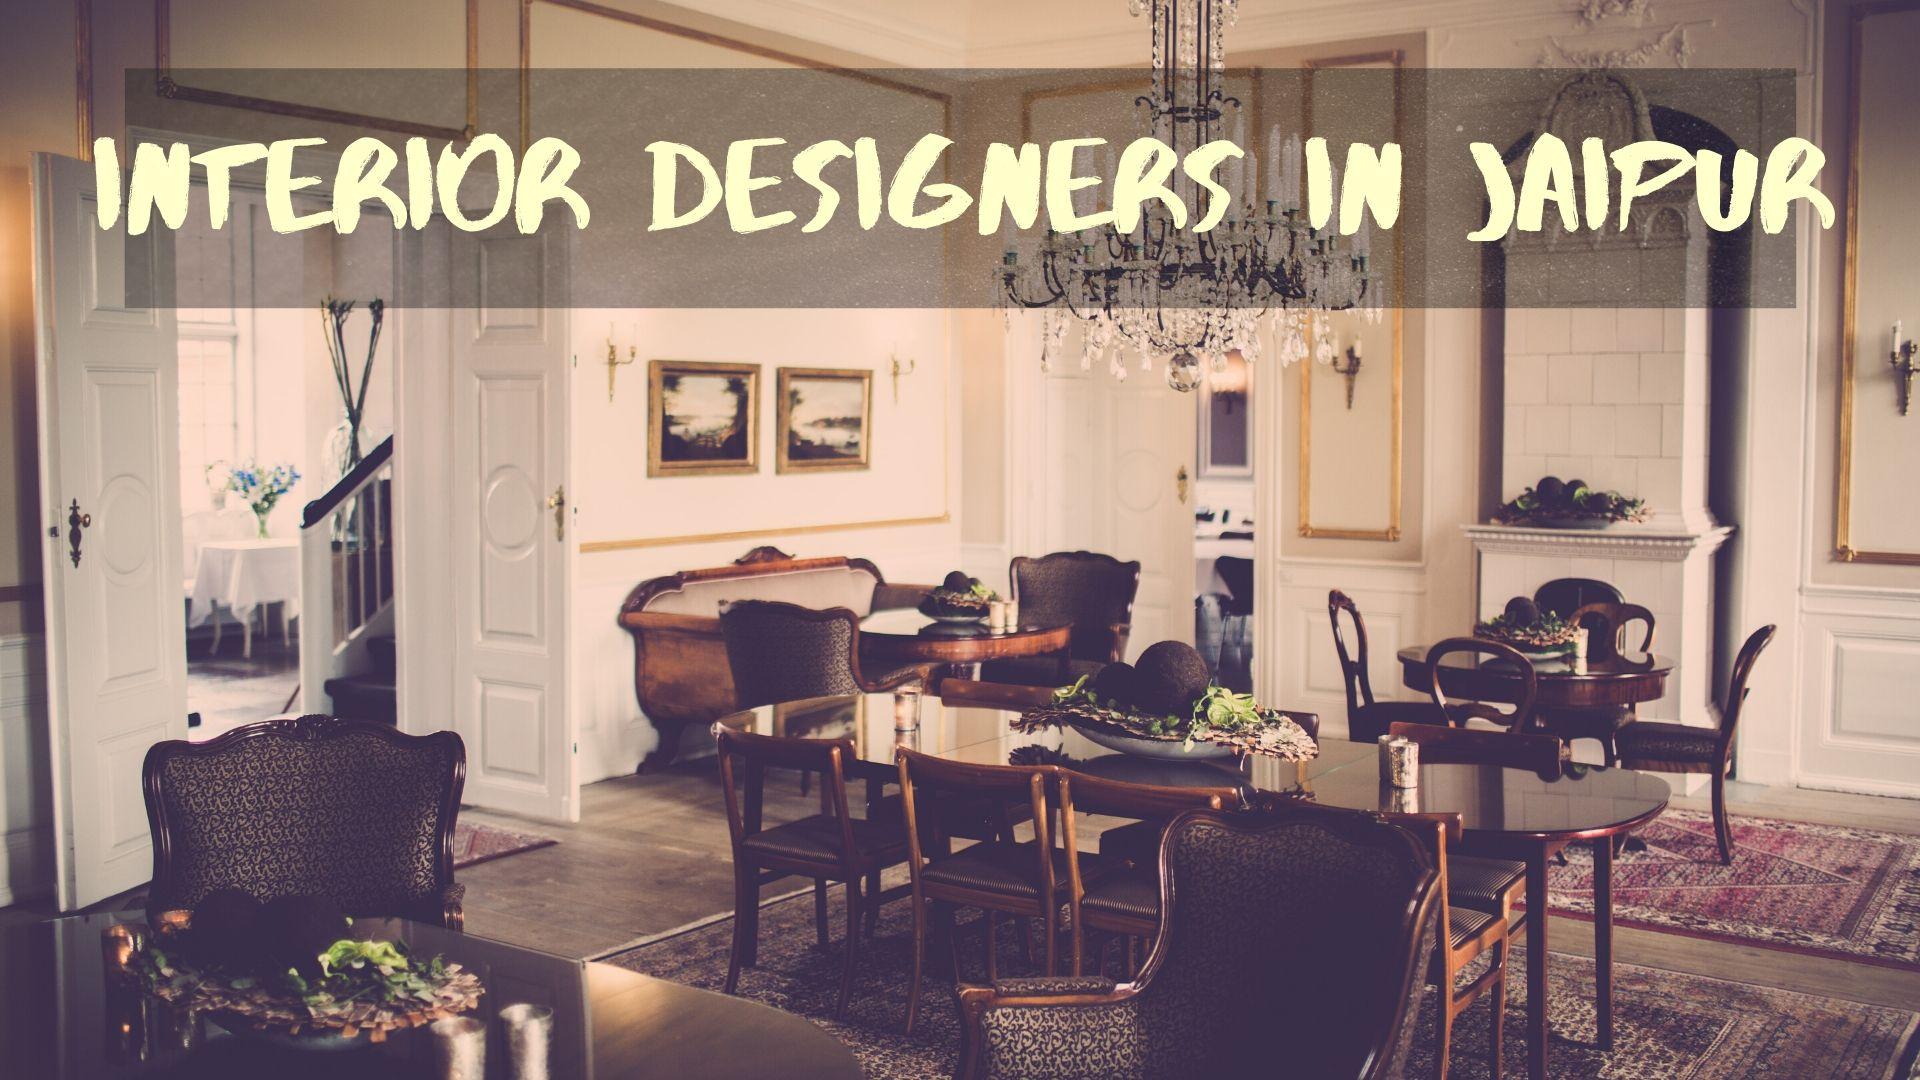 Top 7 Interior Designers In Jaipur 2020